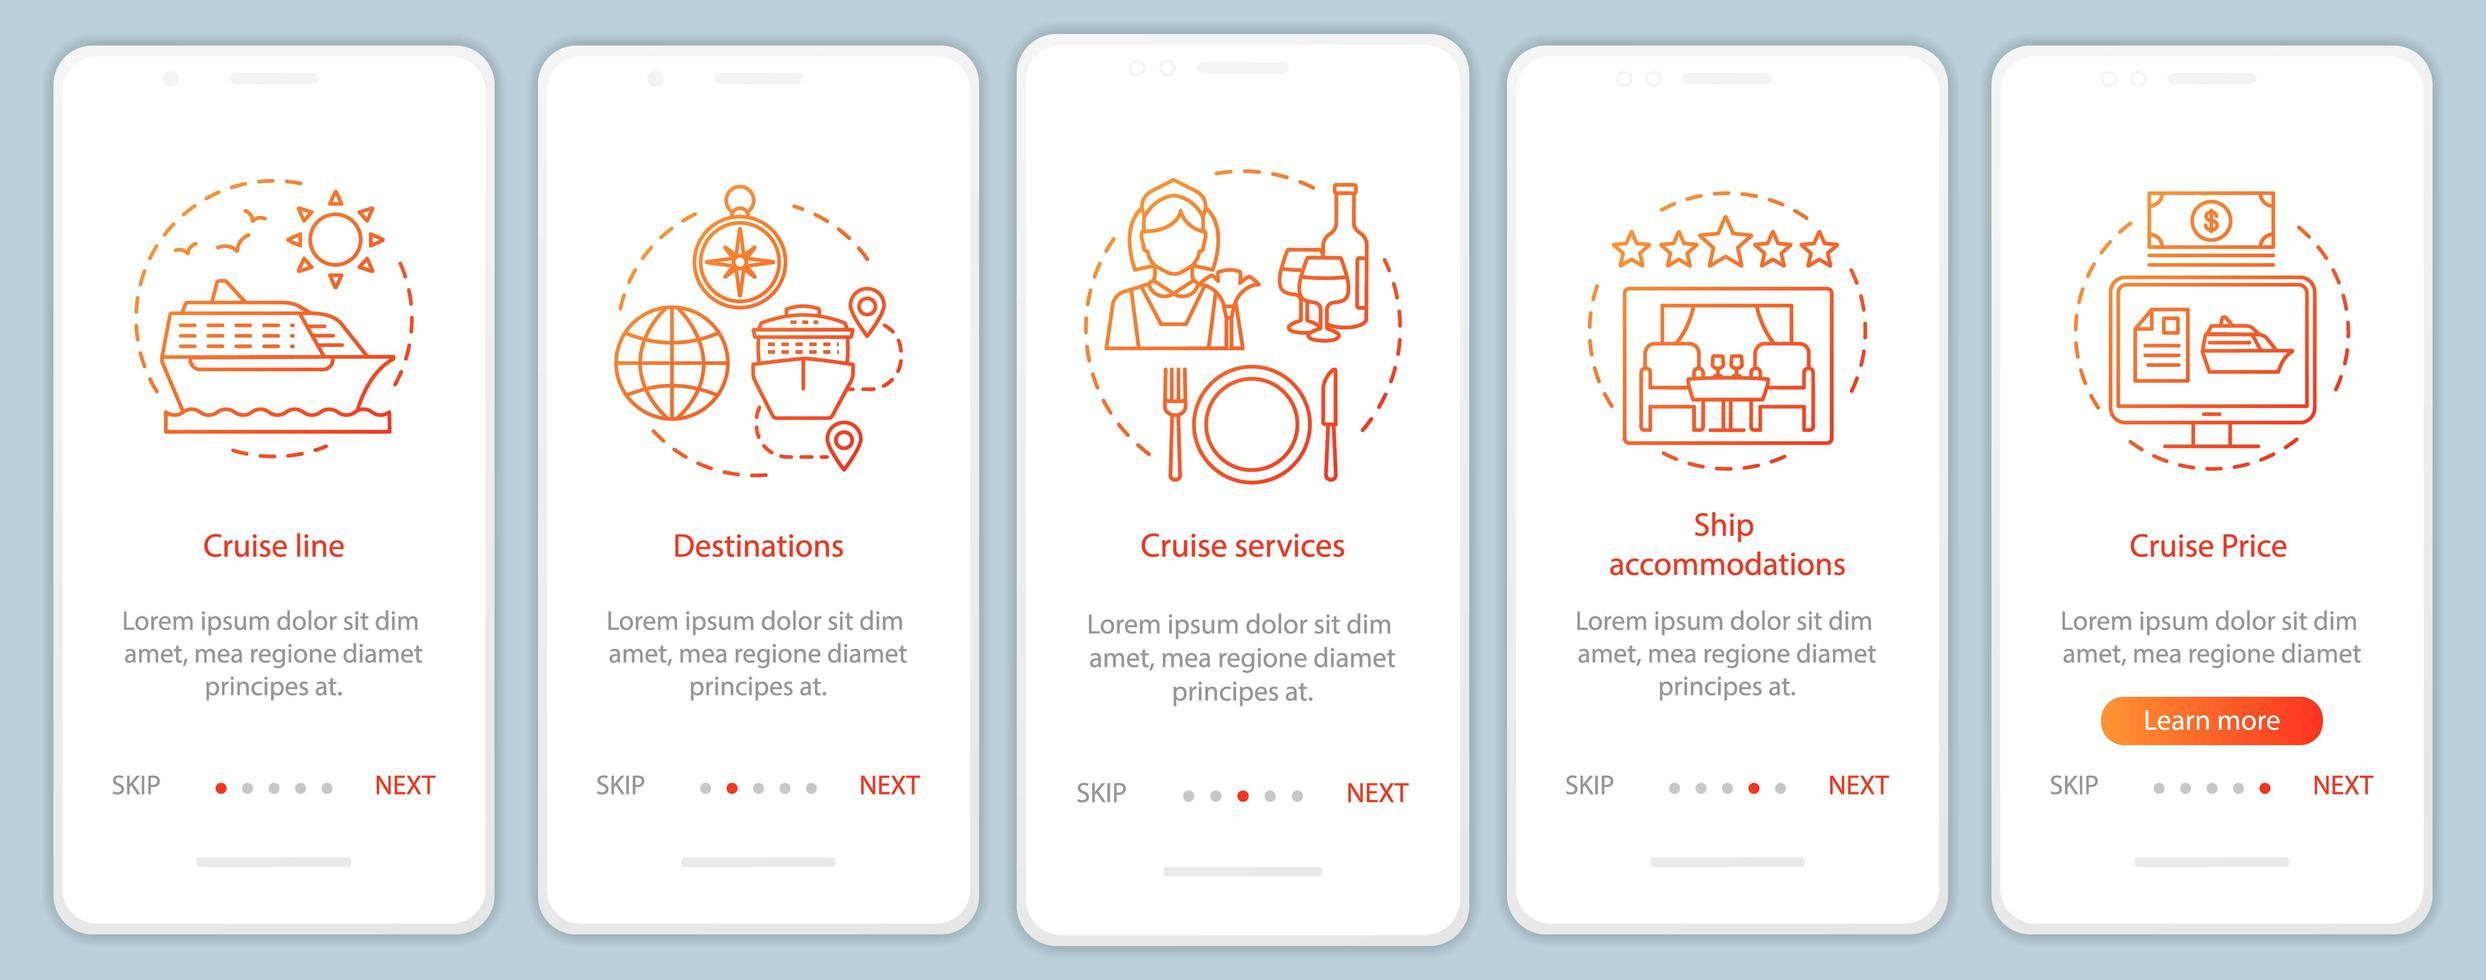 page de l'application mobile d'accueil des informations de croisière vecteur